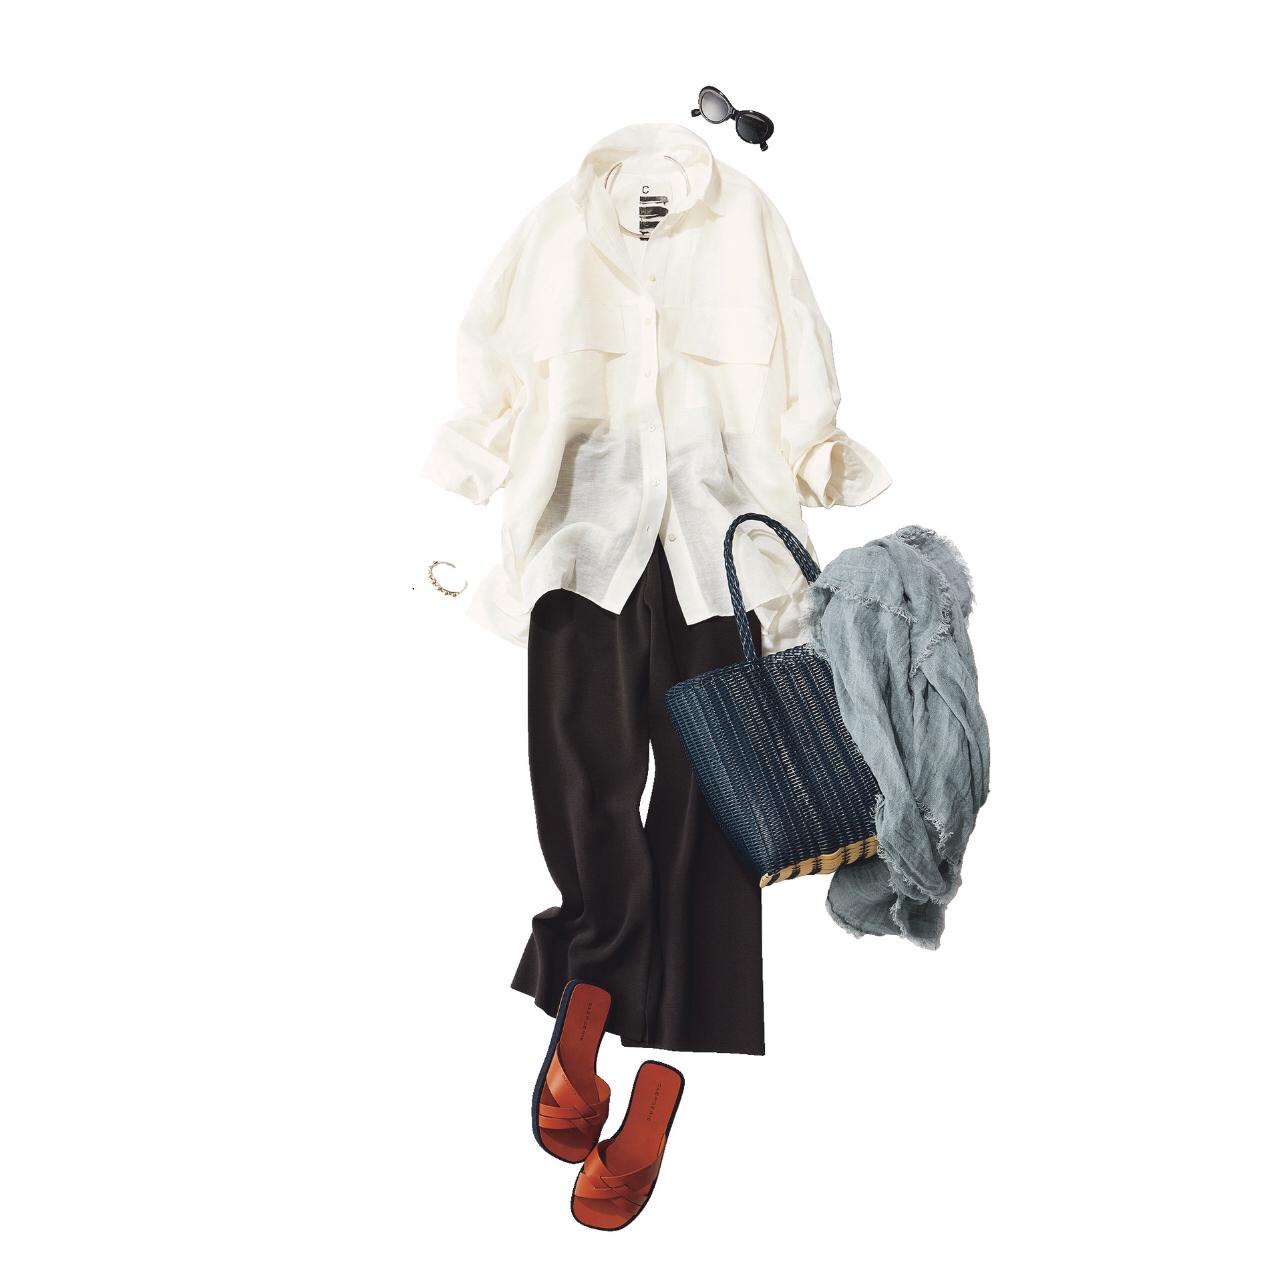 「ストール」でアラフォーの夏コーデをブラッシュアップ! 冷房対策にもおしゃれにも効くストールの取り入れ方 |40代ファッション_1_7